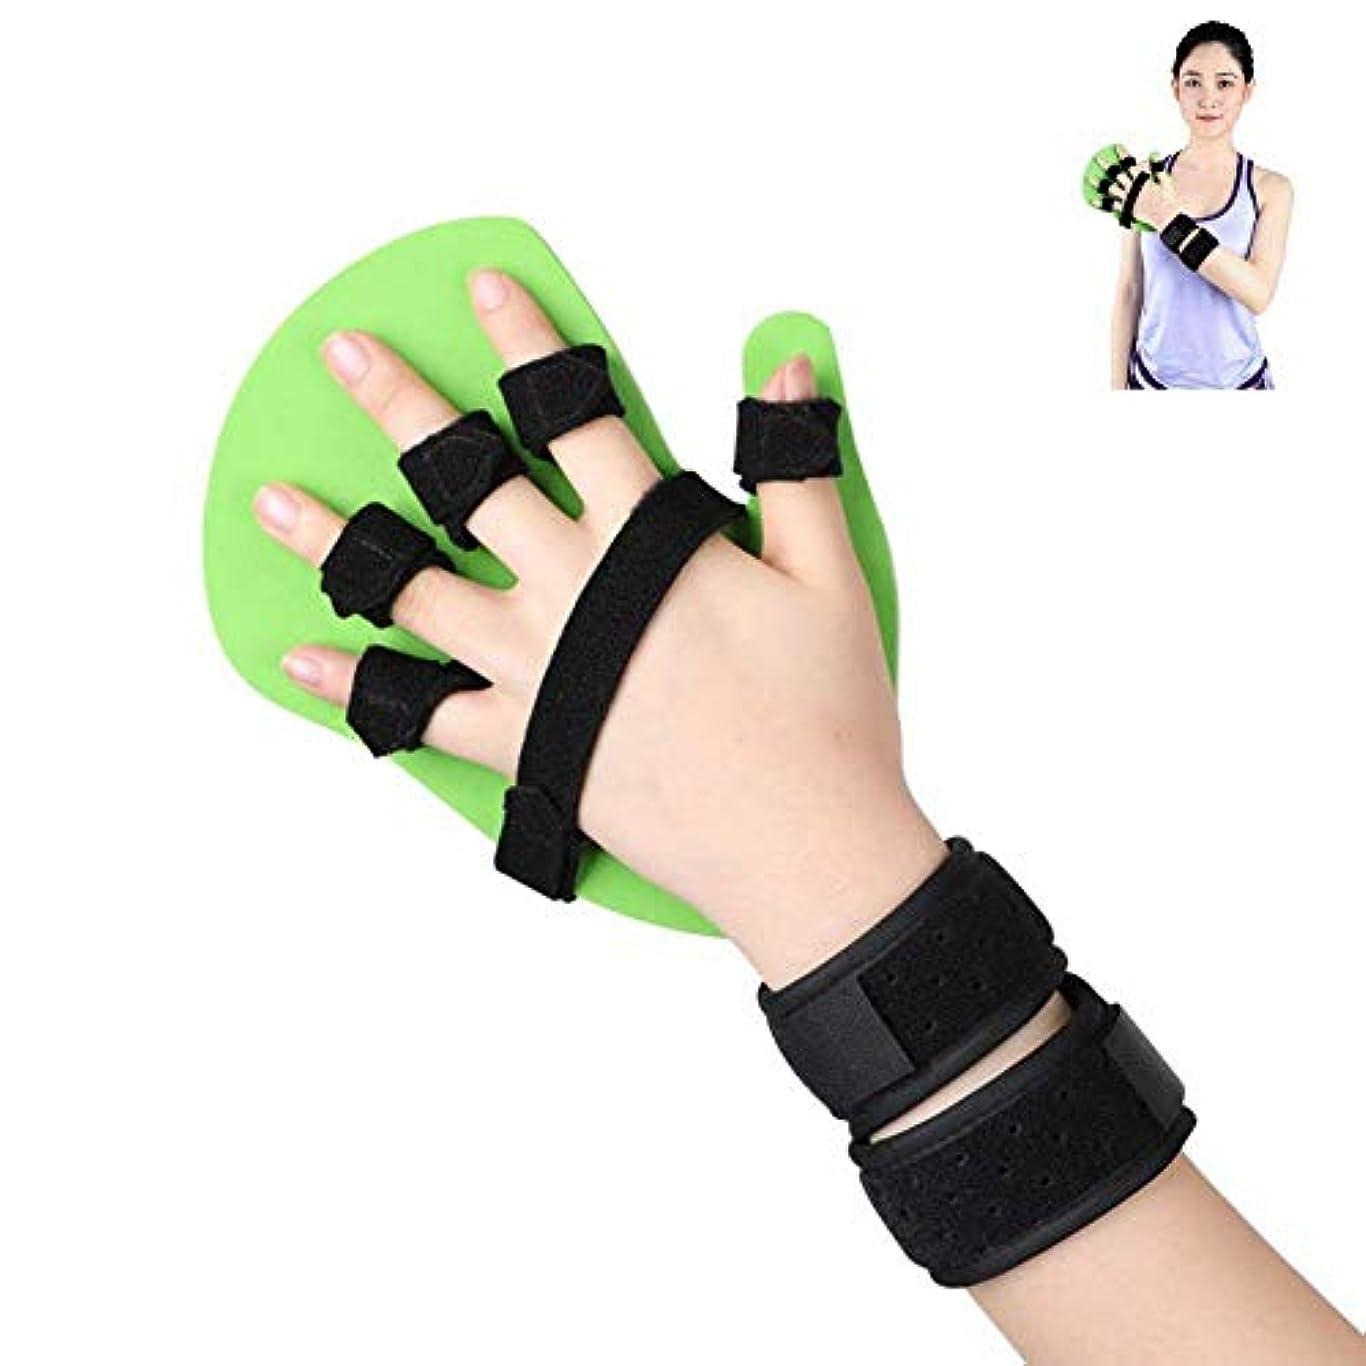 イサカ時々時々明らか指の損傷のサポート、指の延長スプリントセパレーター装具は、最適な指の機器トレーニング機器をサポートします,RightHand-L